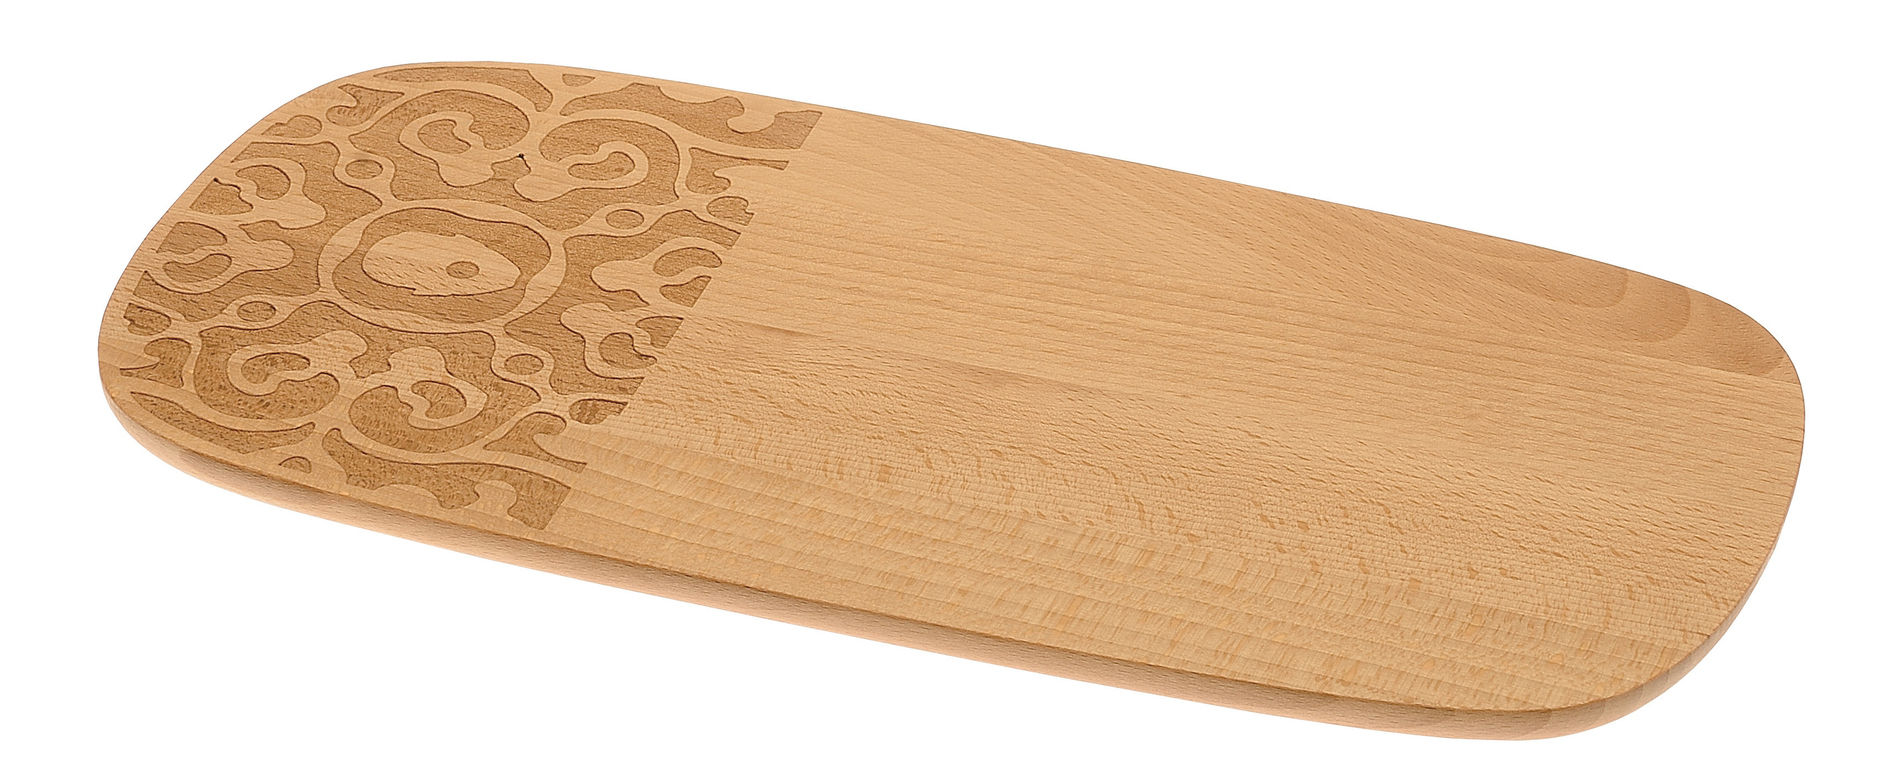 Arts de la table - Plateaux - Planche à petit-déjeuner Dressed in Wood / 30 x 15 cm - Alessi - Bois naturel - Hêtre